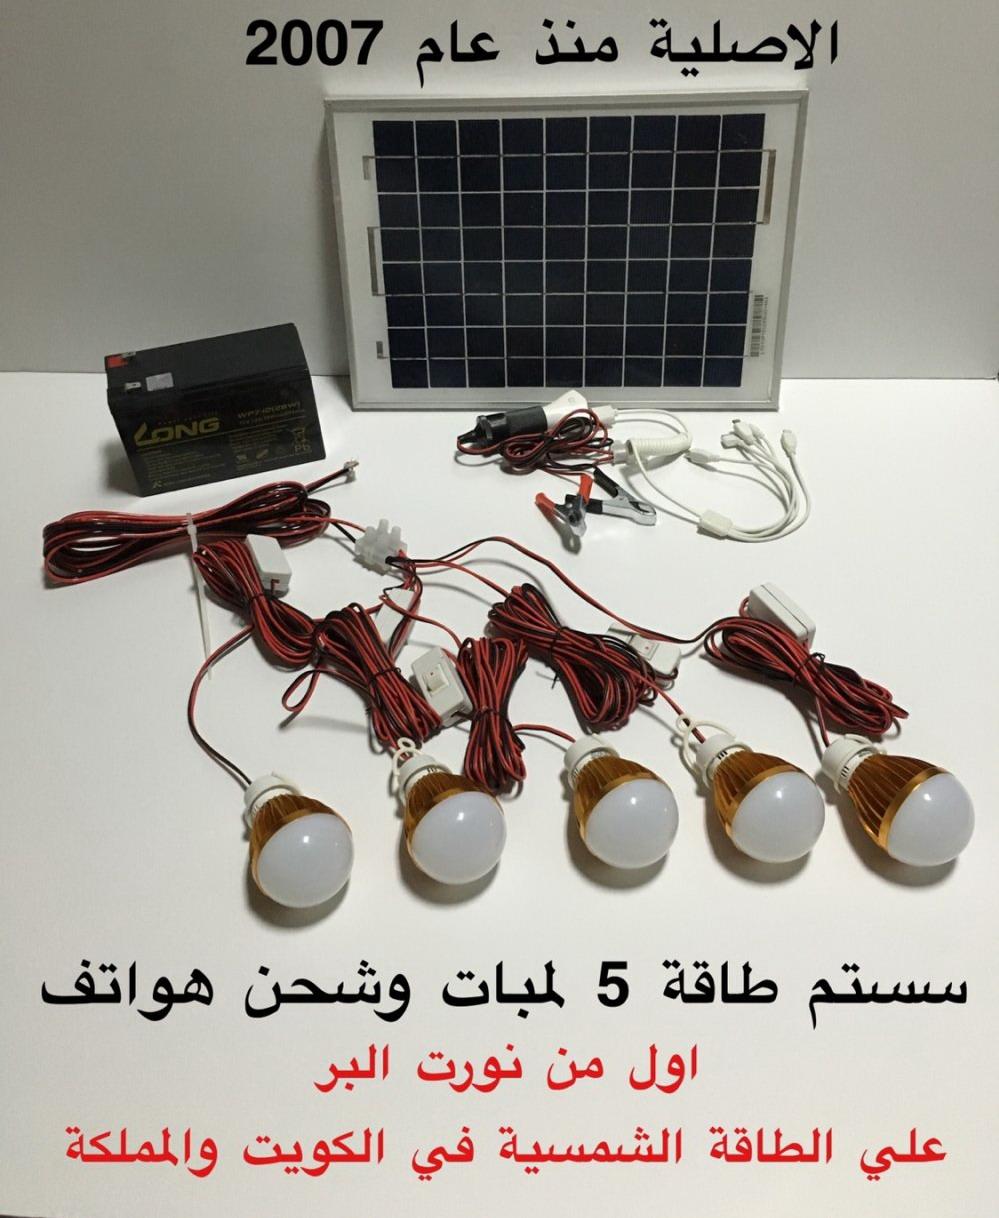 اول من نورت البر علي الطاقة الشمسية